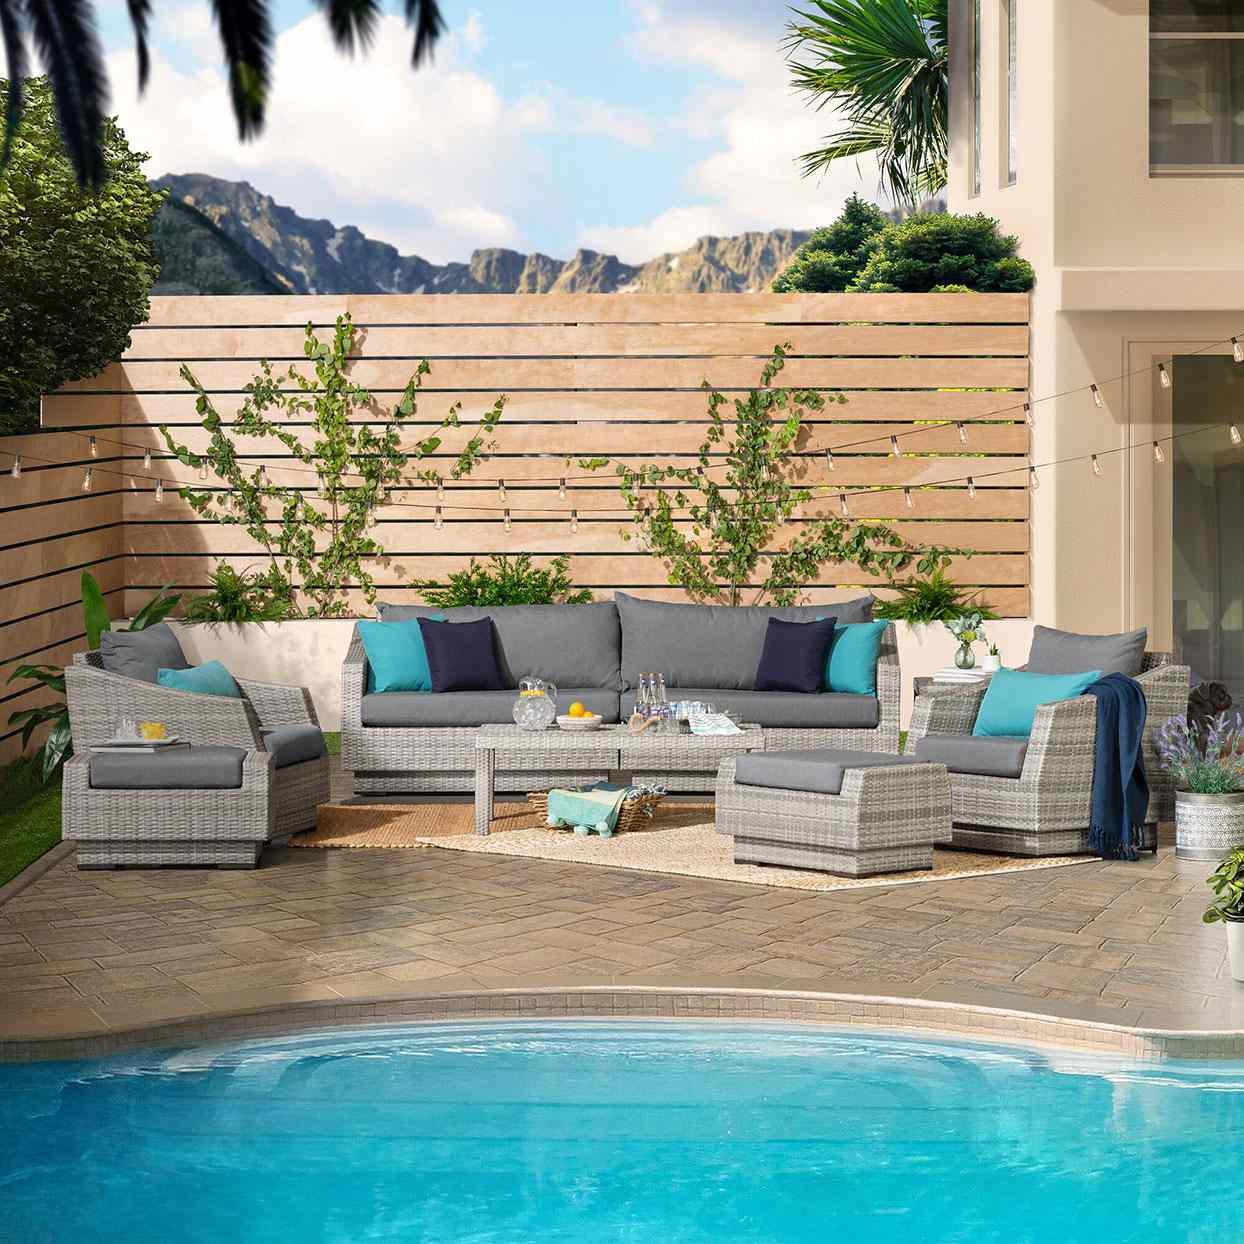 best outdoor patio furniture in 2021